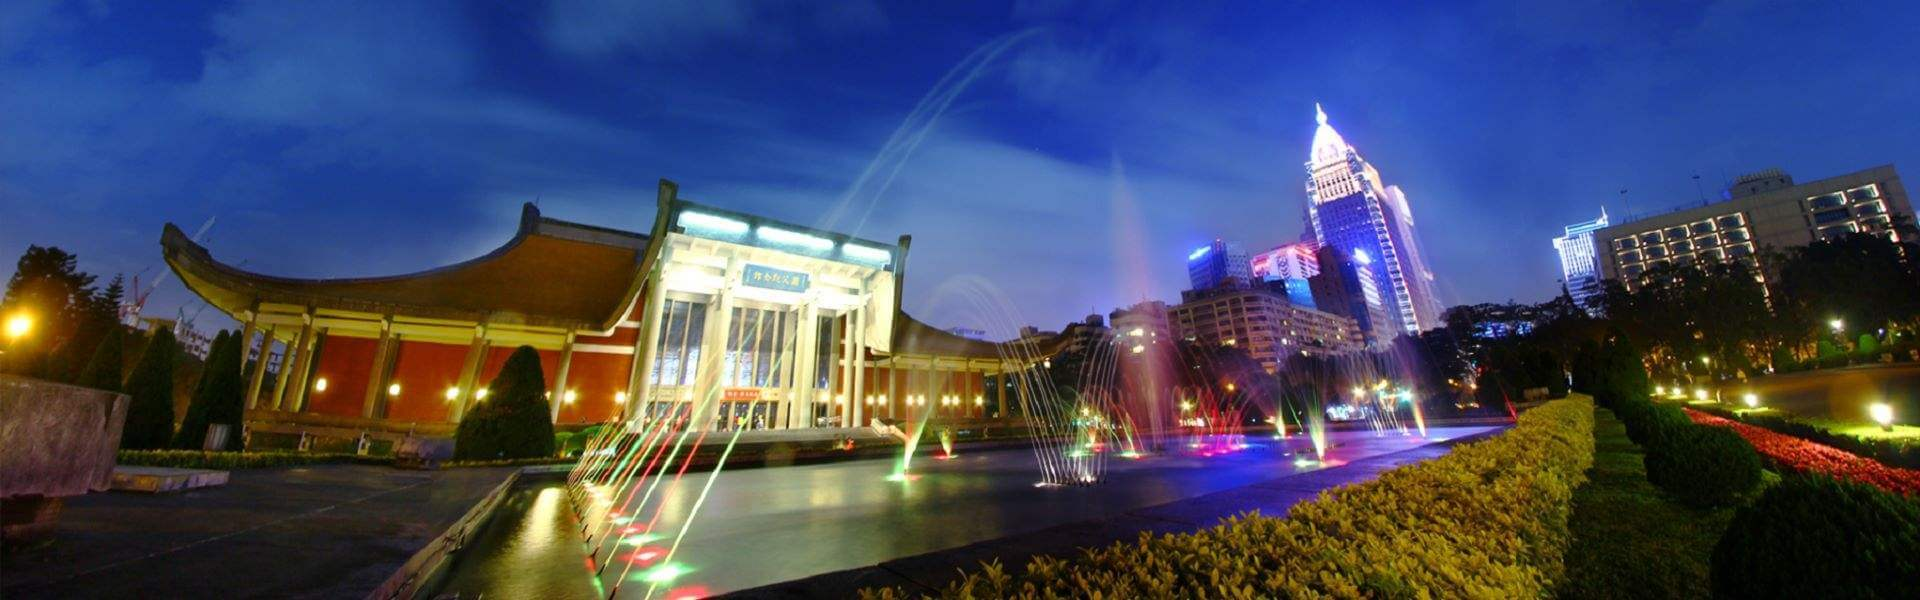 國立國父紀念館夜景